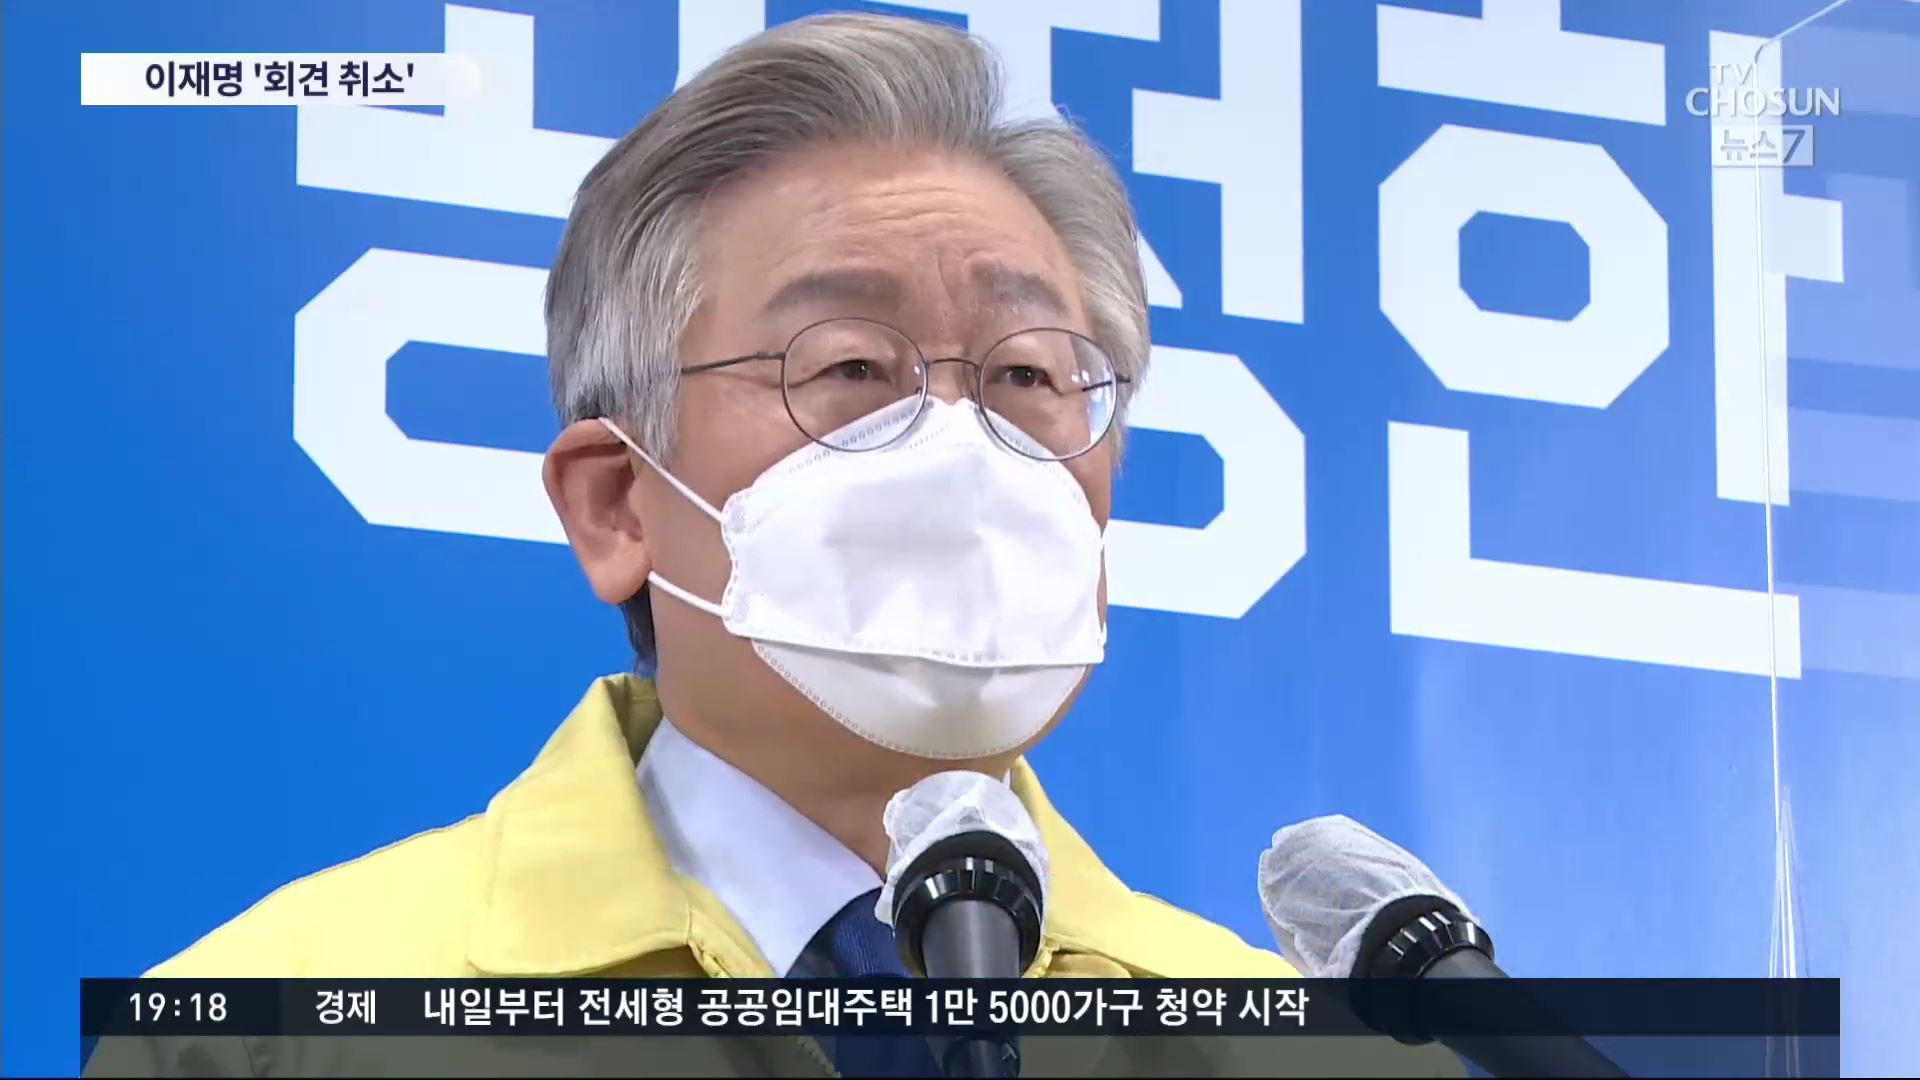 이재명, 18일 재난소득 기자회견 취소...李측 '대통령 회견 겹쳐 연기, 지급할 것'